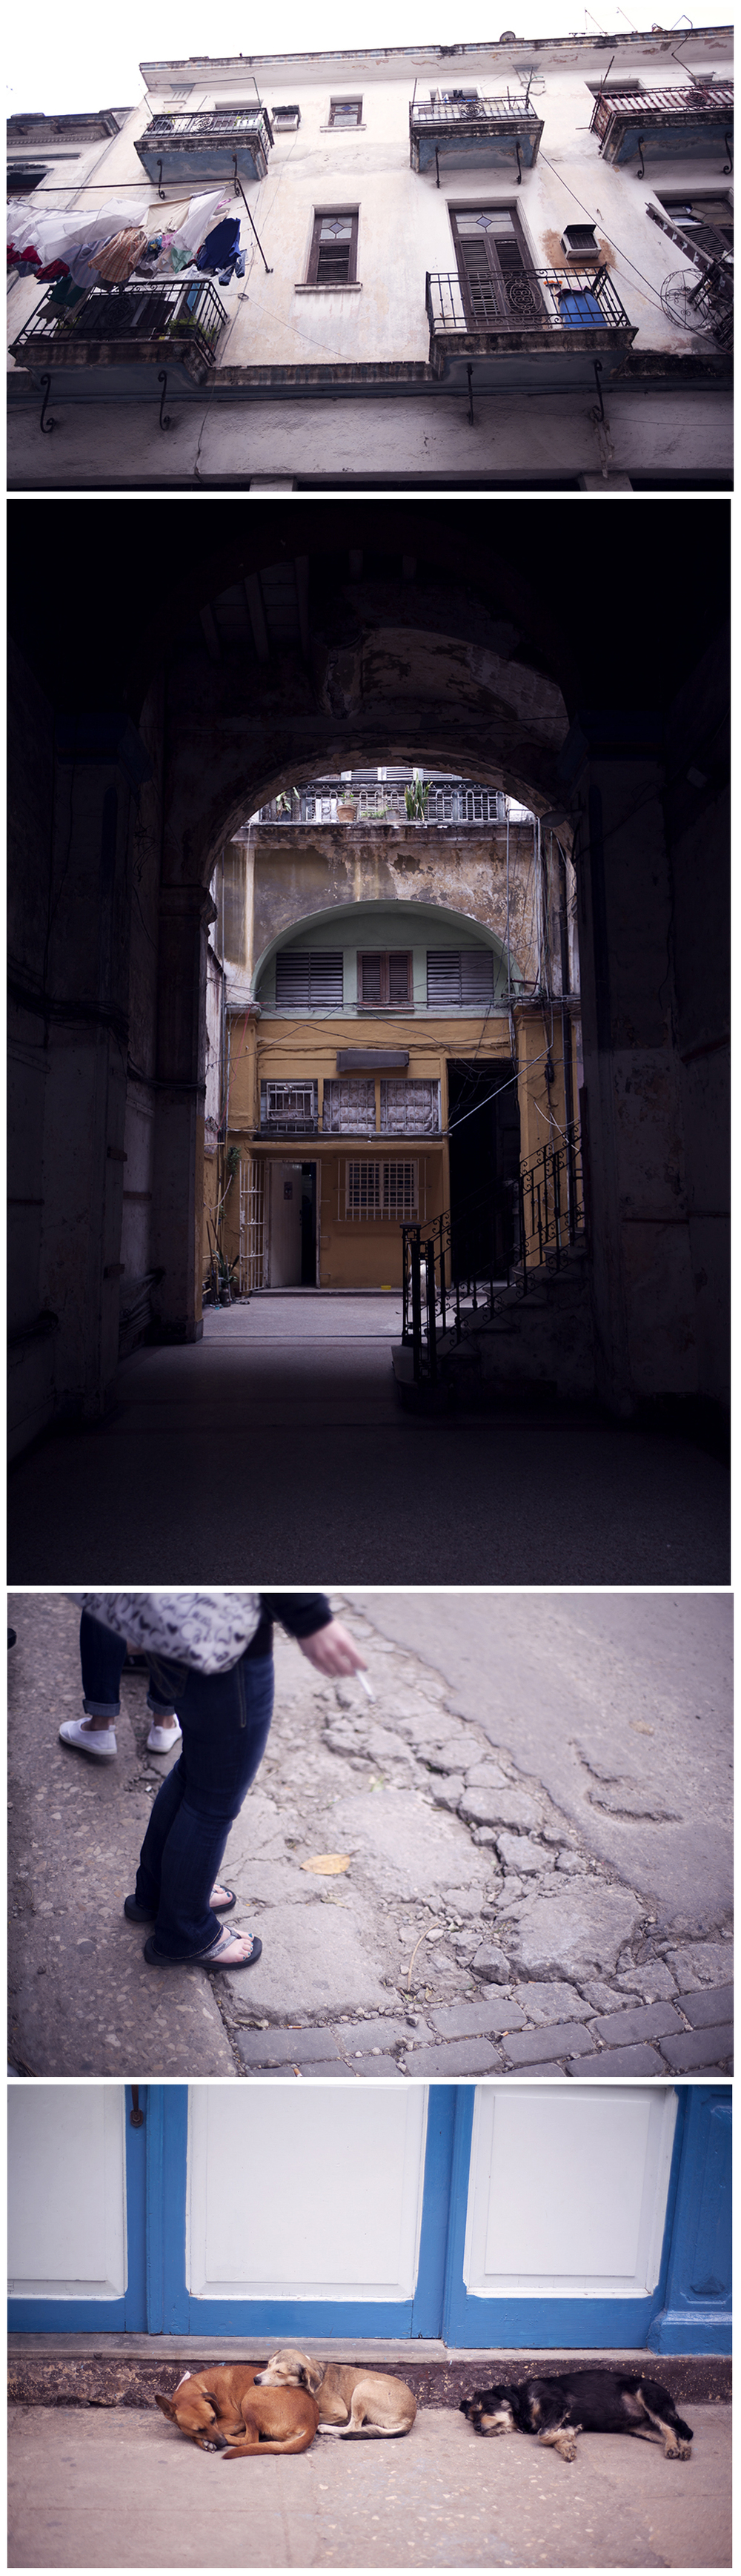 Havana_blog007.jpg